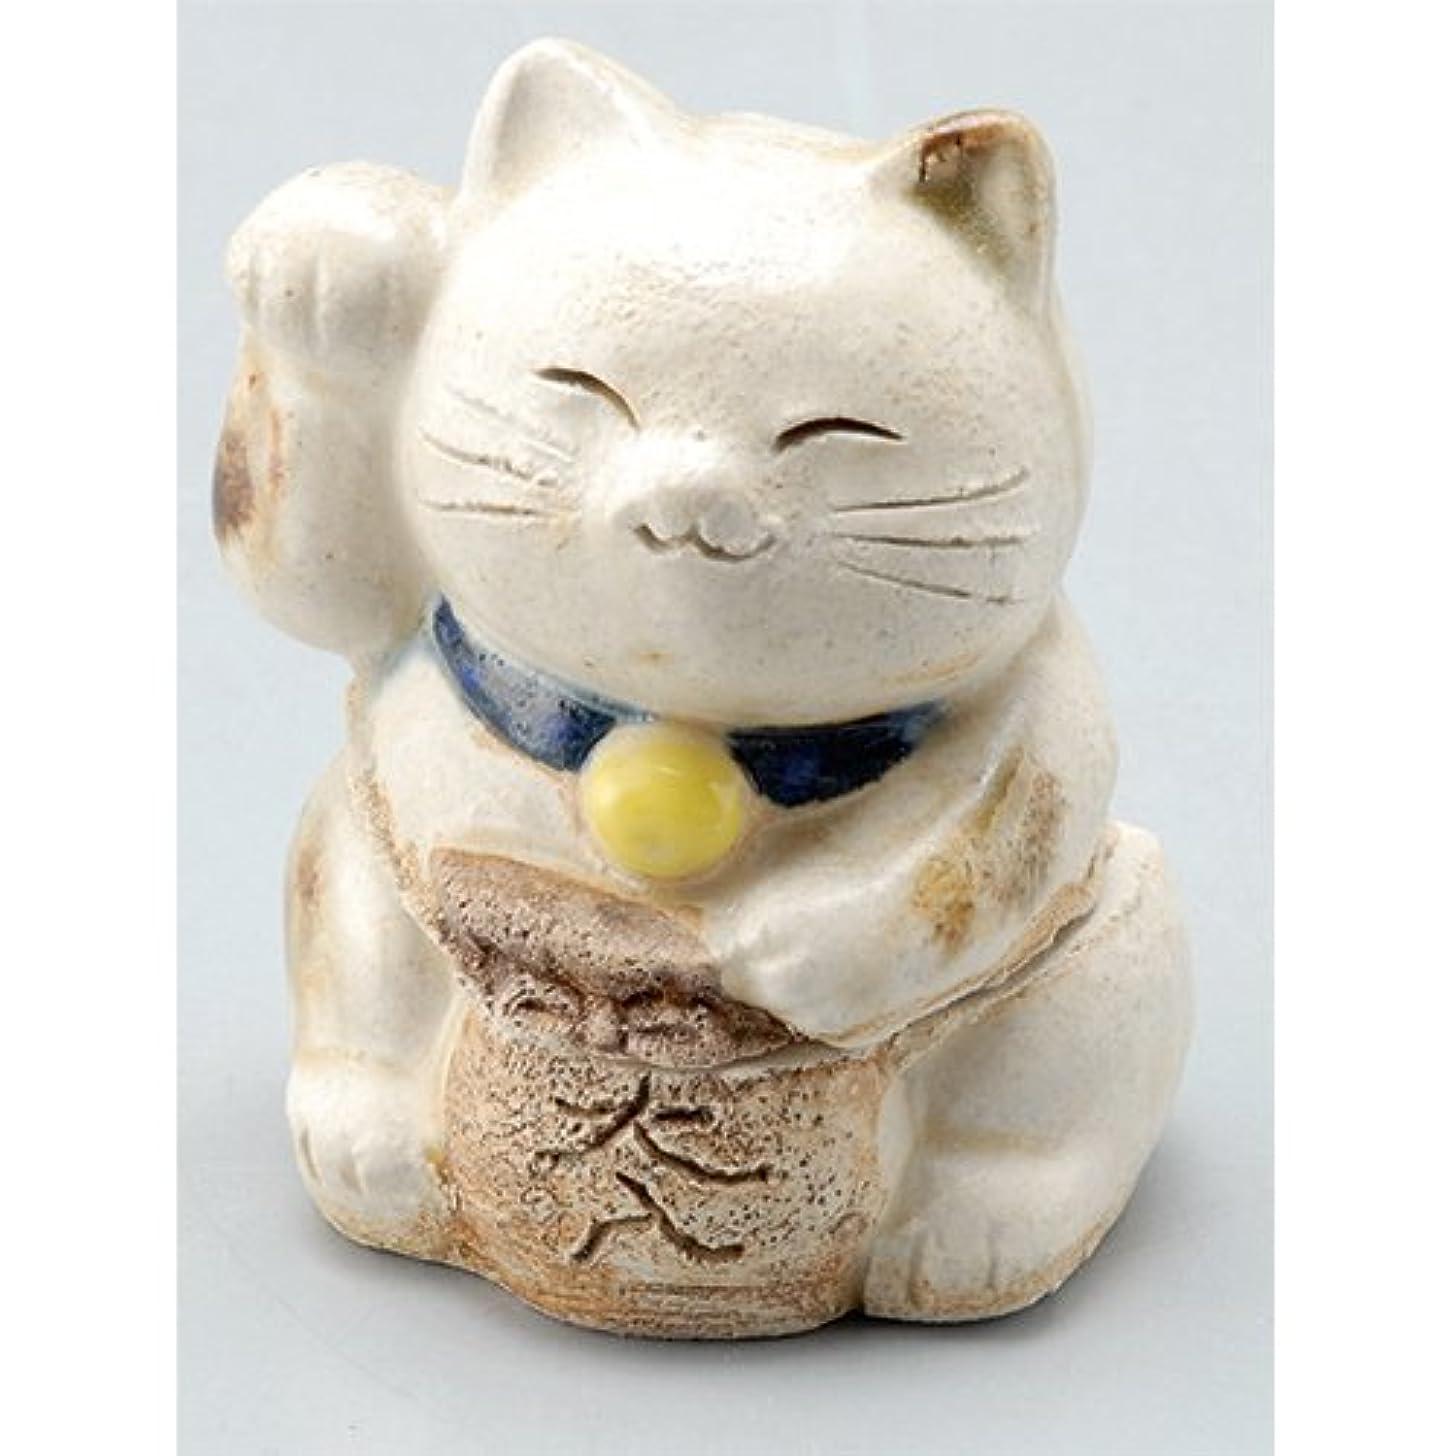 晩ごはん脊椎嵐の香炉 飾り香炉(招き猫) [H7cm] HANDMADE プレゼント ギフト 和食器 かわいい インテリア